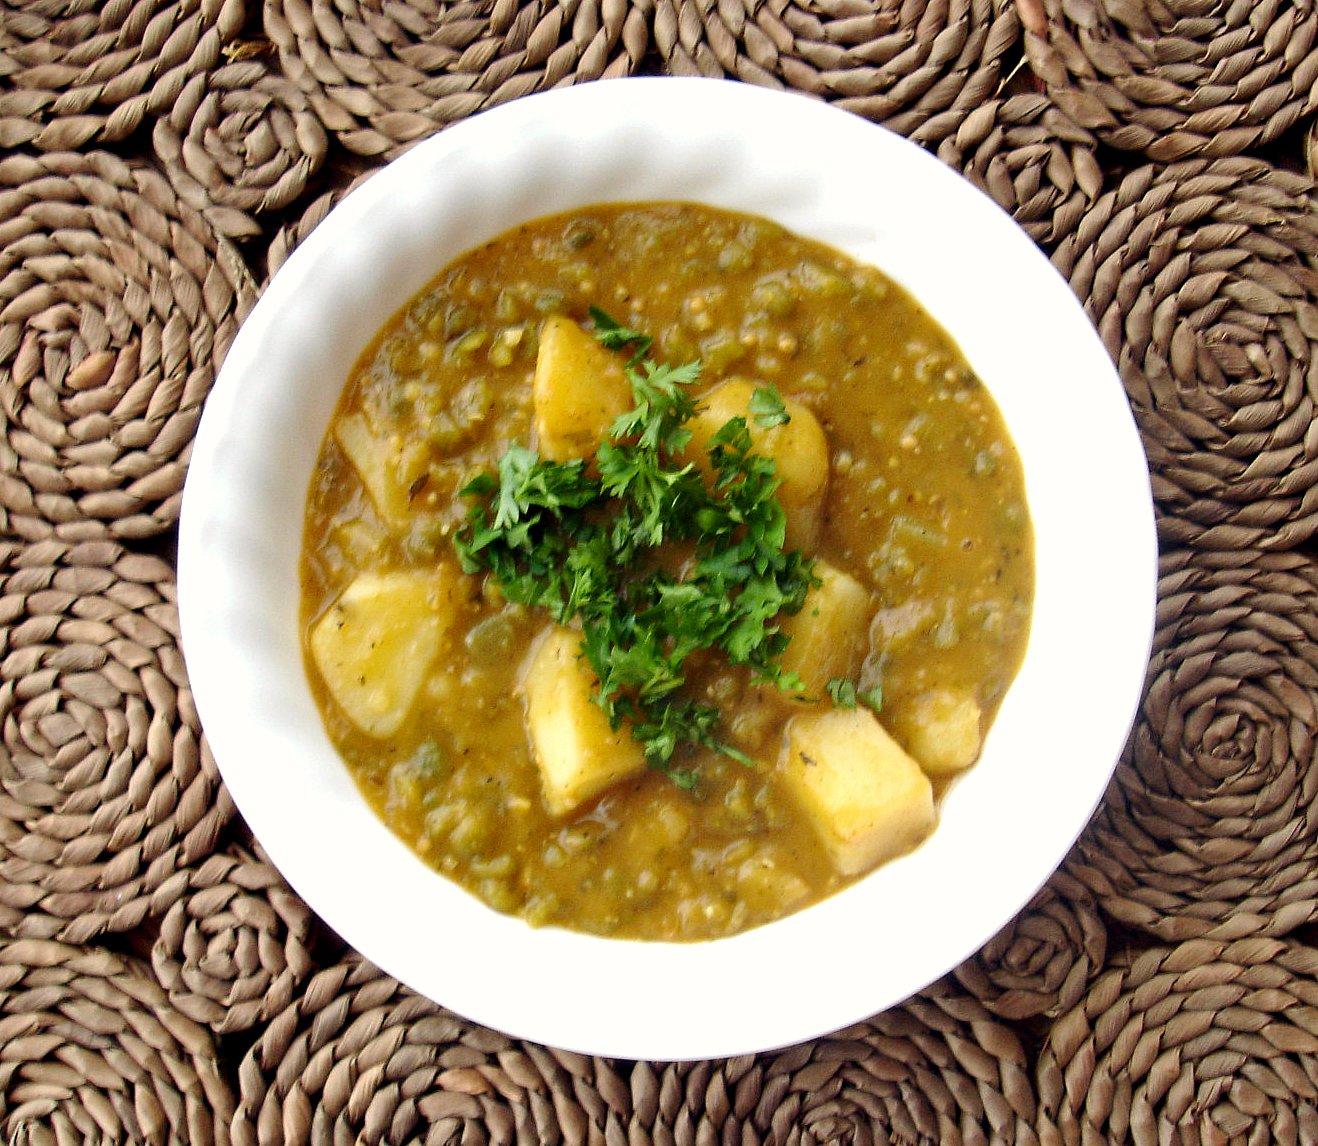 Soupe de pommes de terre hors du commun (Not Your Average Potato Soup)